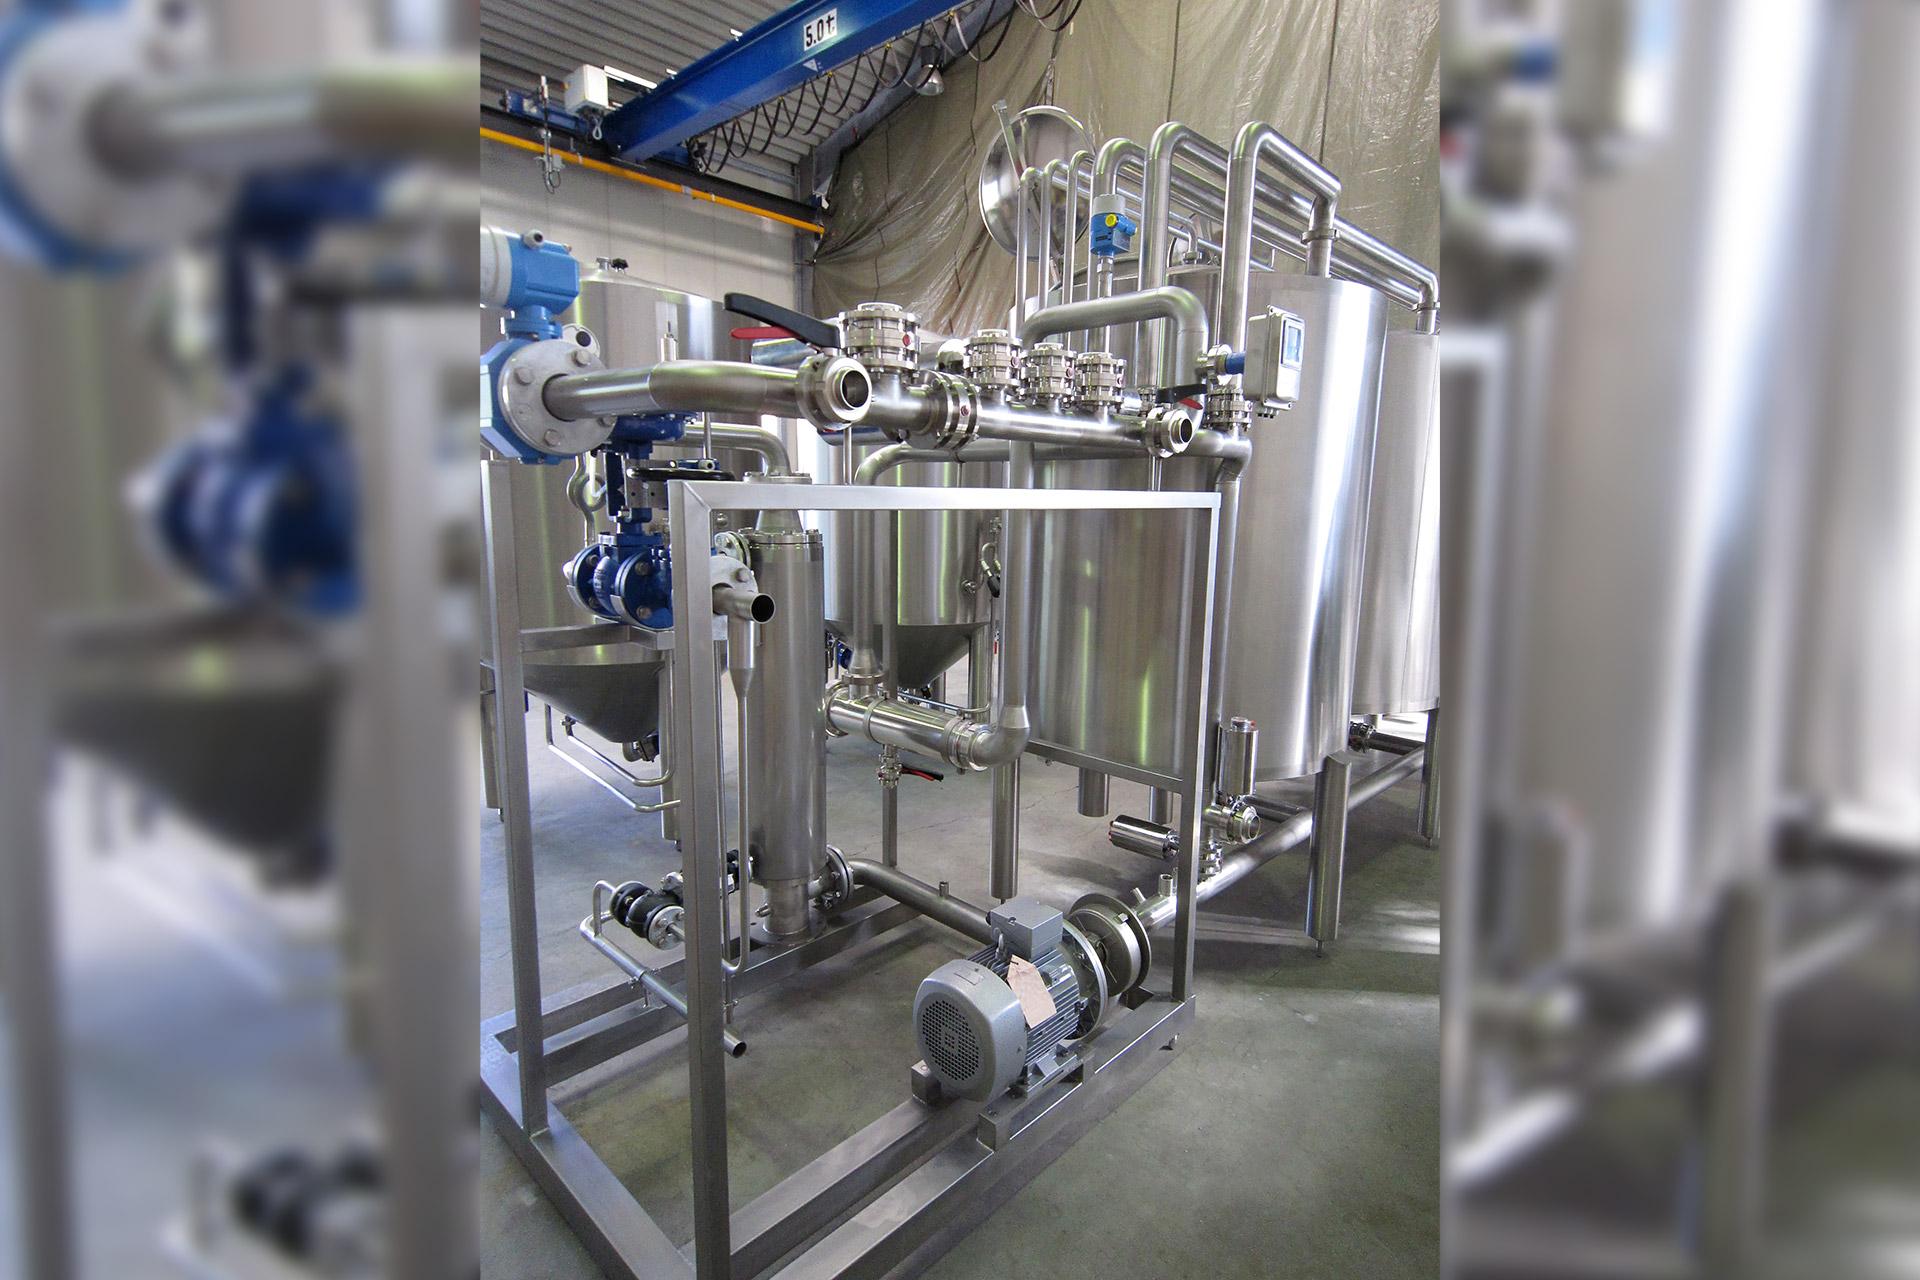 poeschl_anlagenbau_Brauerei_Rolec-Prozess-und-Brautechnik-CIP-Anlage-16-hl